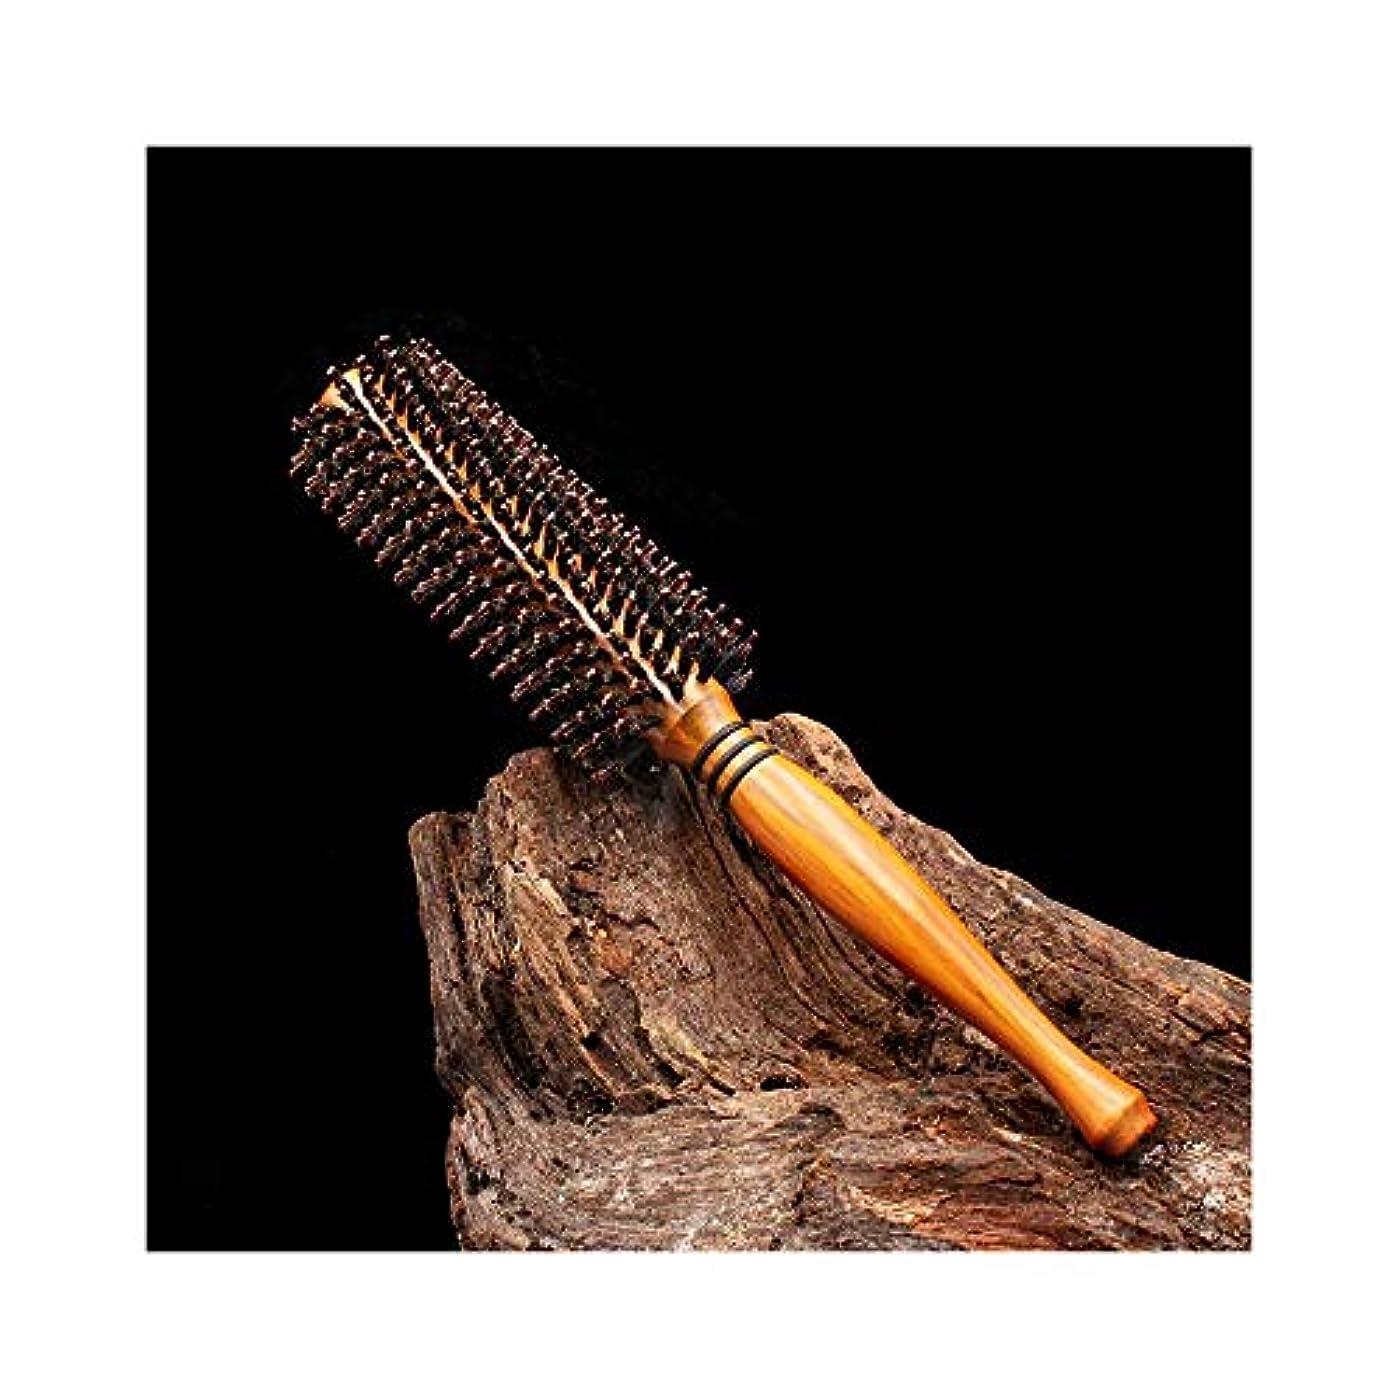 意義アソシエイト王室Fashian木製ローリングくしブロードライ乾燥イノシシ剛毛くしラウンドヘアブラシ ヘアケア (Design : Twill, サイズ : S)